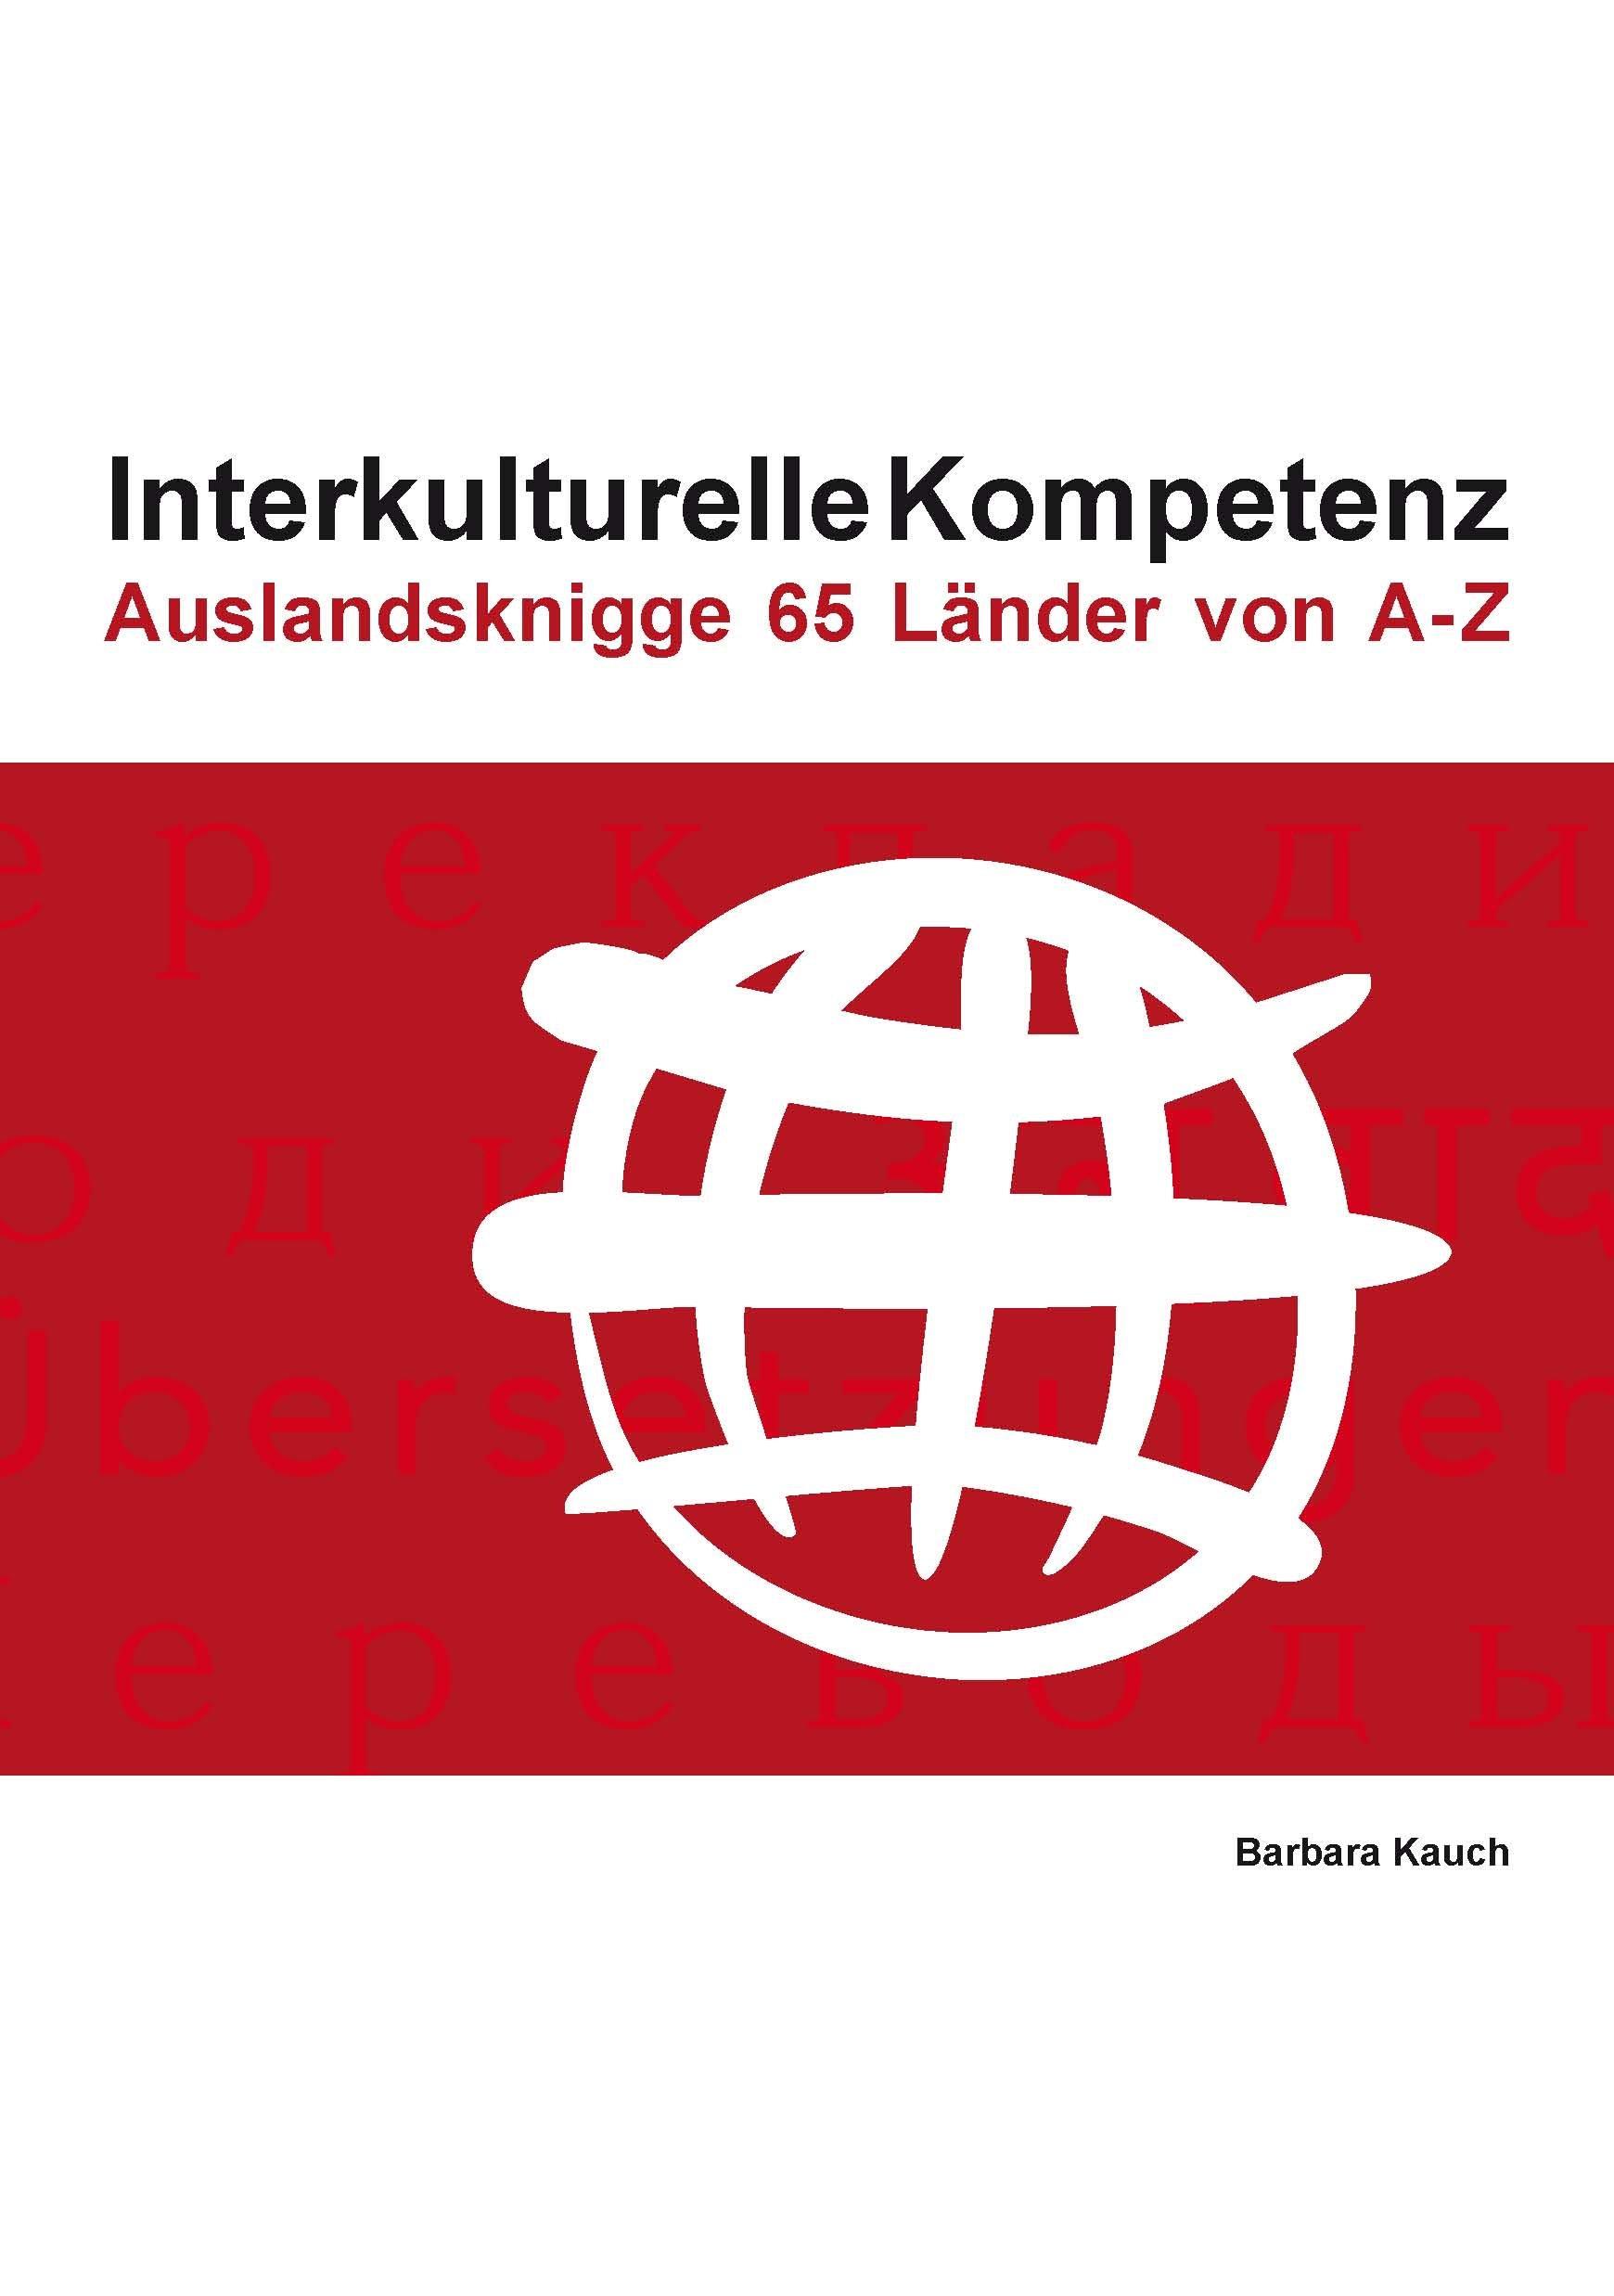 Interkulturelle Kompetenz: Auslandsknigge 65 Länder von A-Z